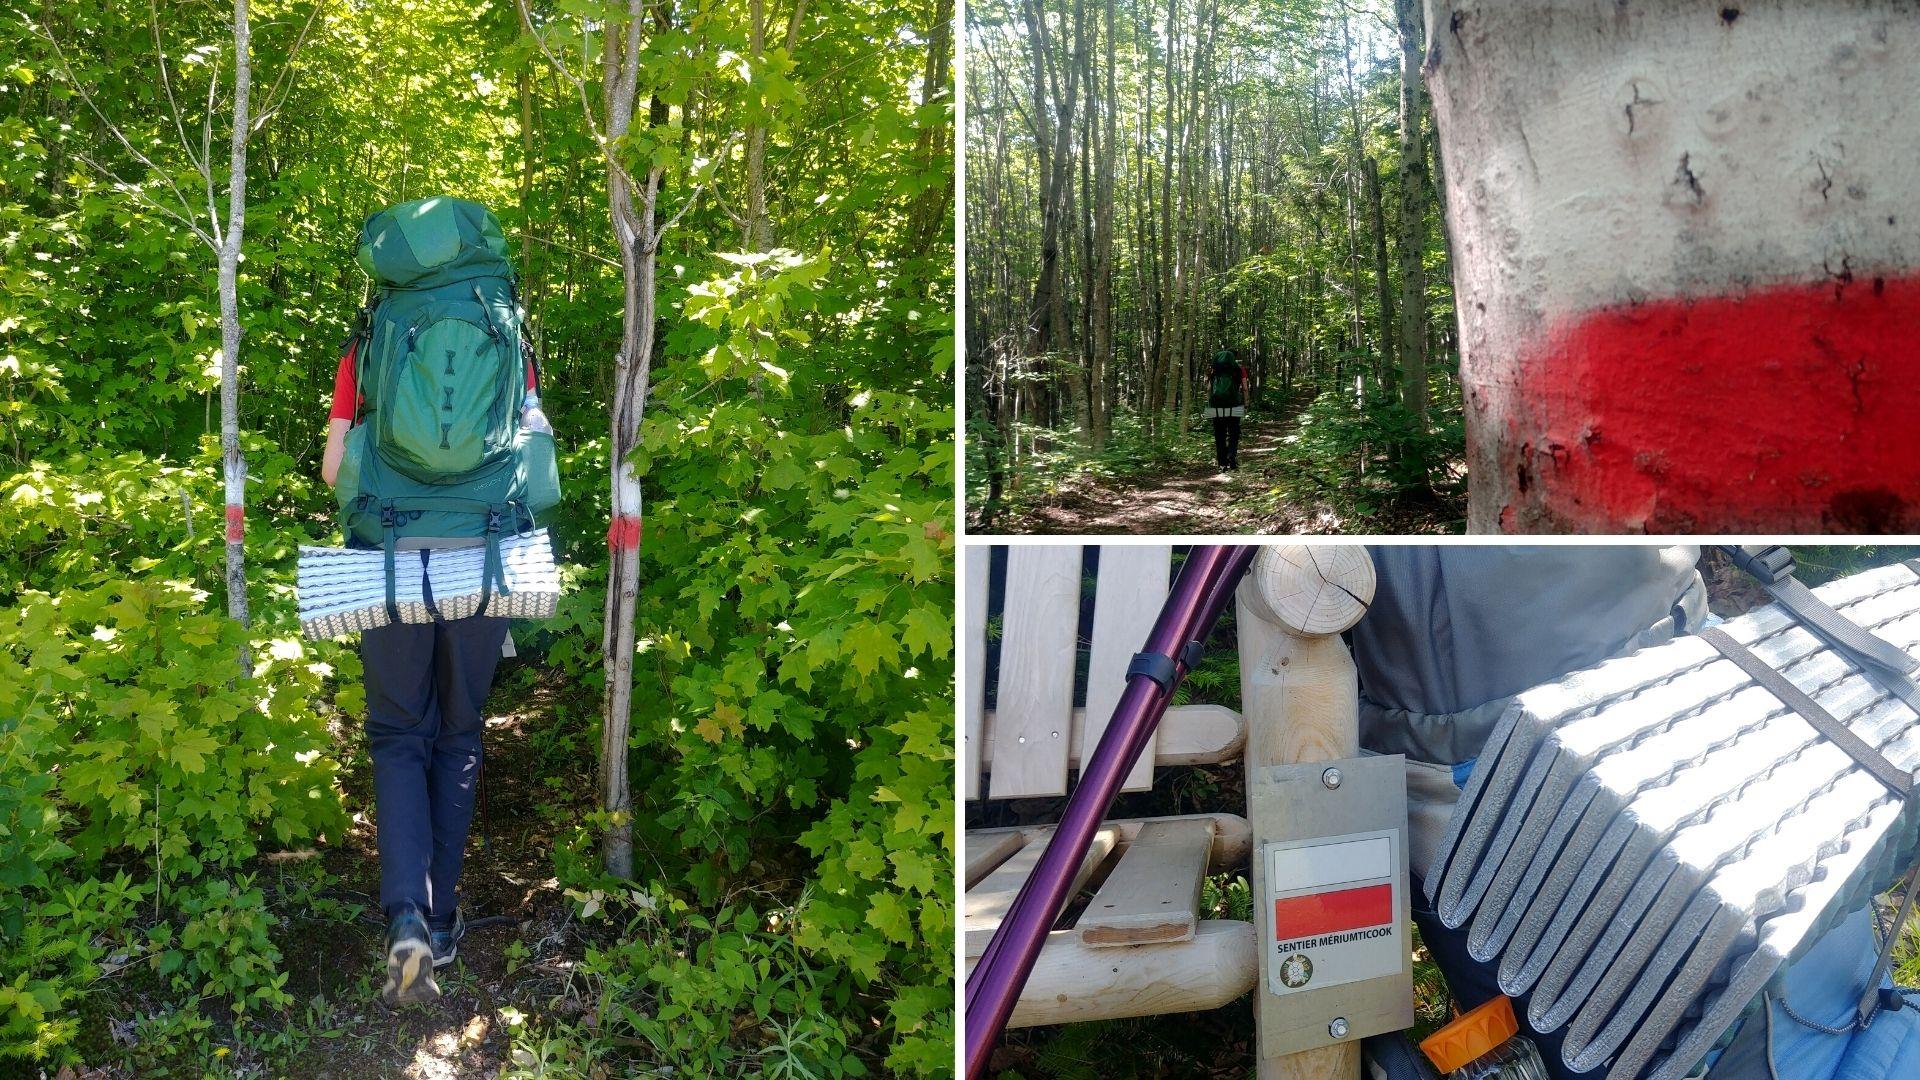 Edmundston sentier Meruimticook randonnée pédestre Nouveau-Brunswick